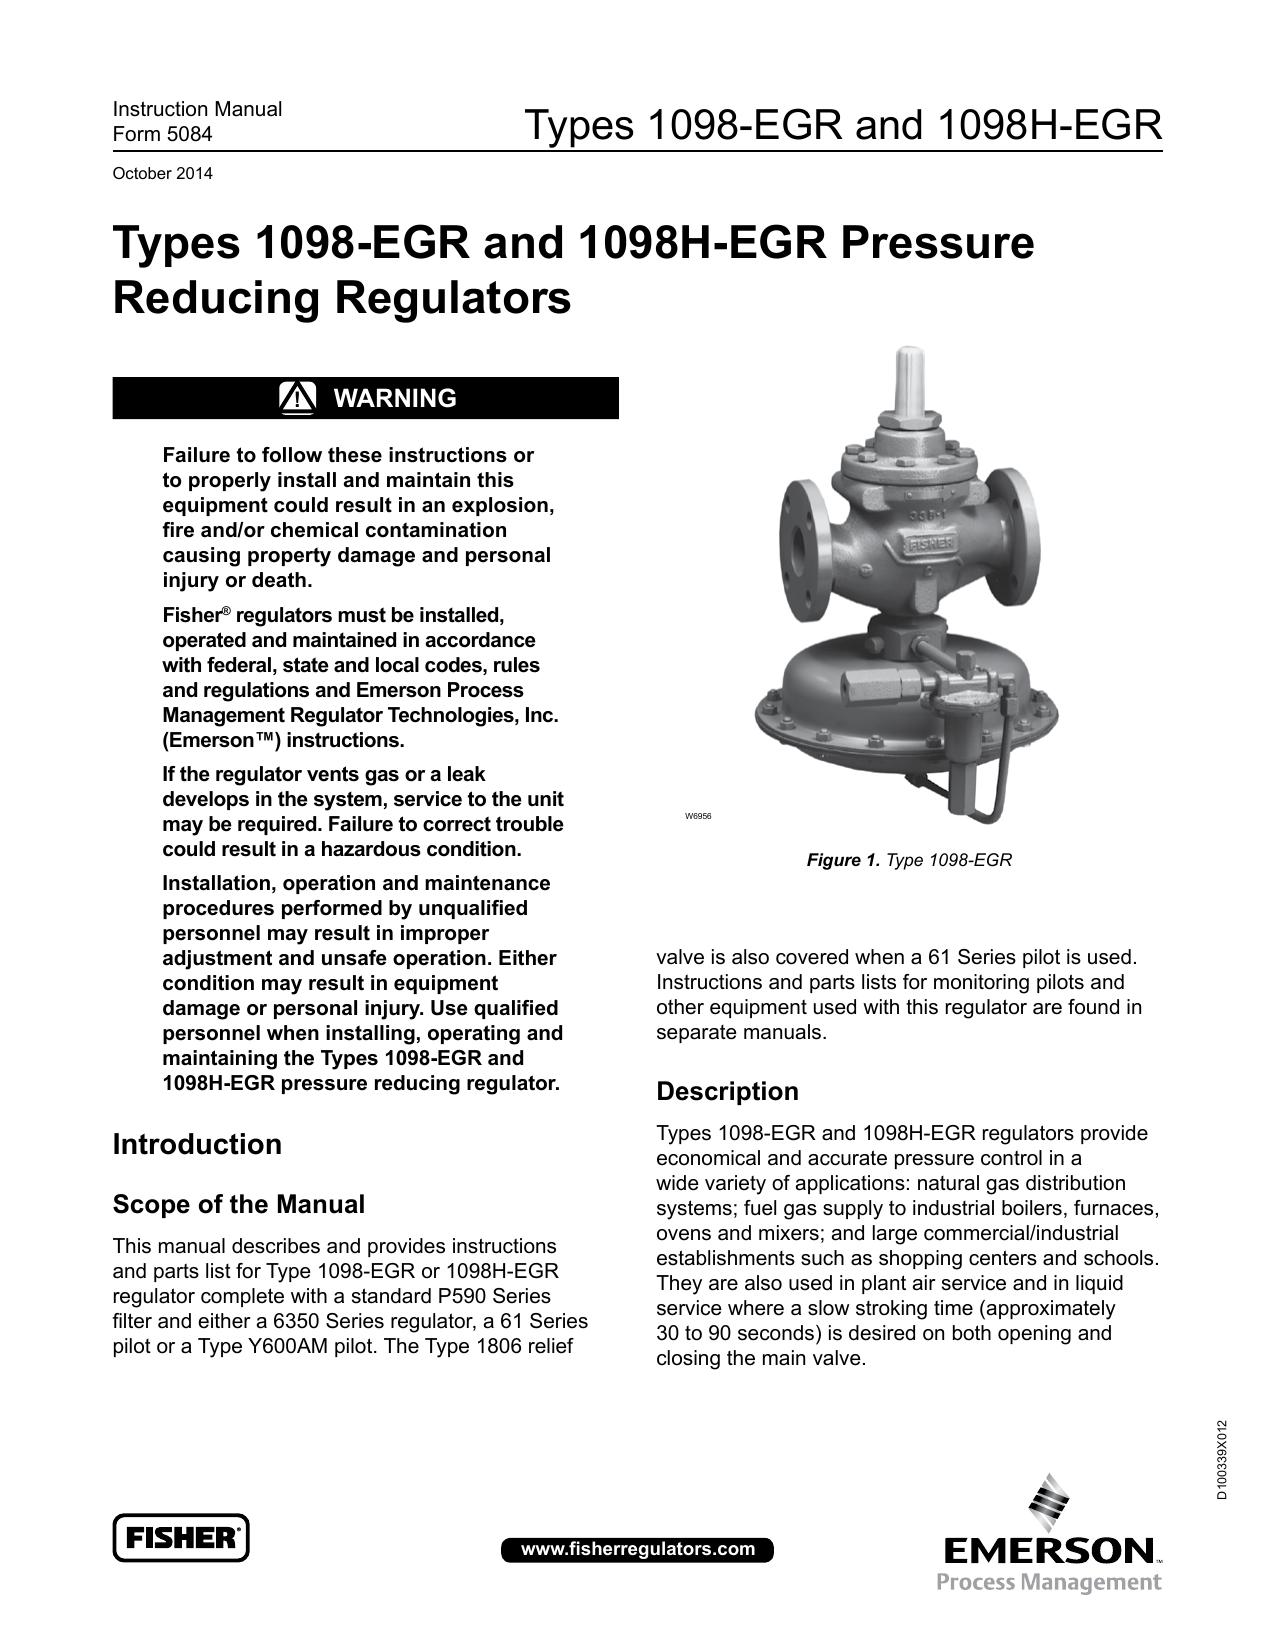 emerson 1098h egr instruction manual manualzz com rh manualzz com